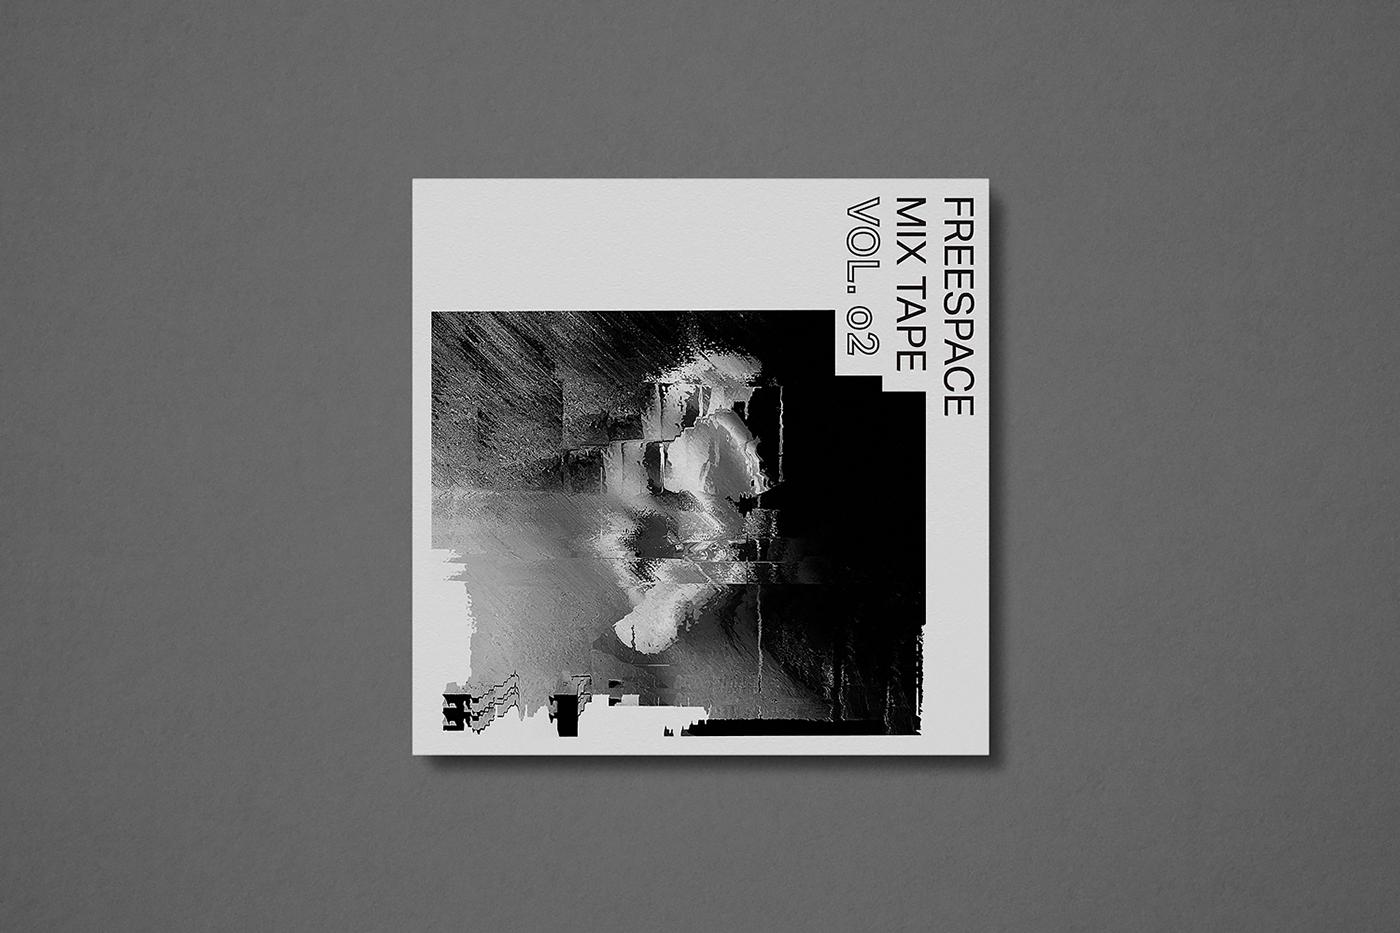 innoise jerry luk Hong Kong music CD design cd Packing Design black white cd packing